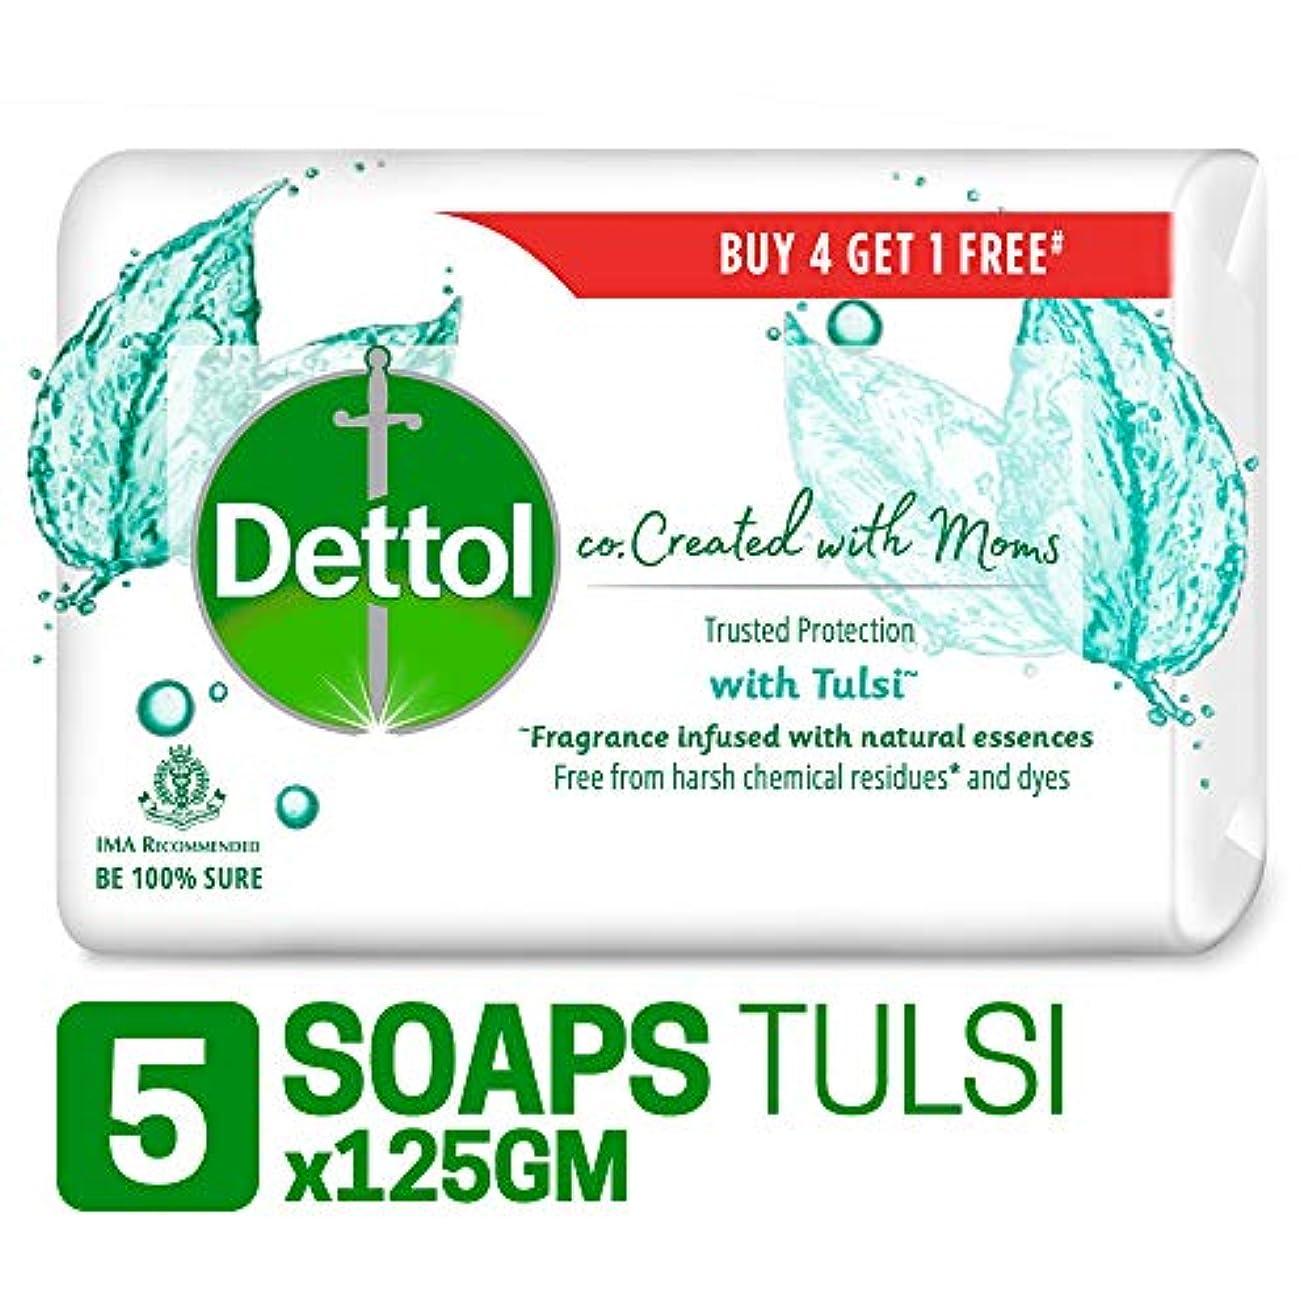 秀でる処理変なDettol Co-created with moms Tulsi Bathing Soap, 125gm (Buy 4 Get 1 Free)